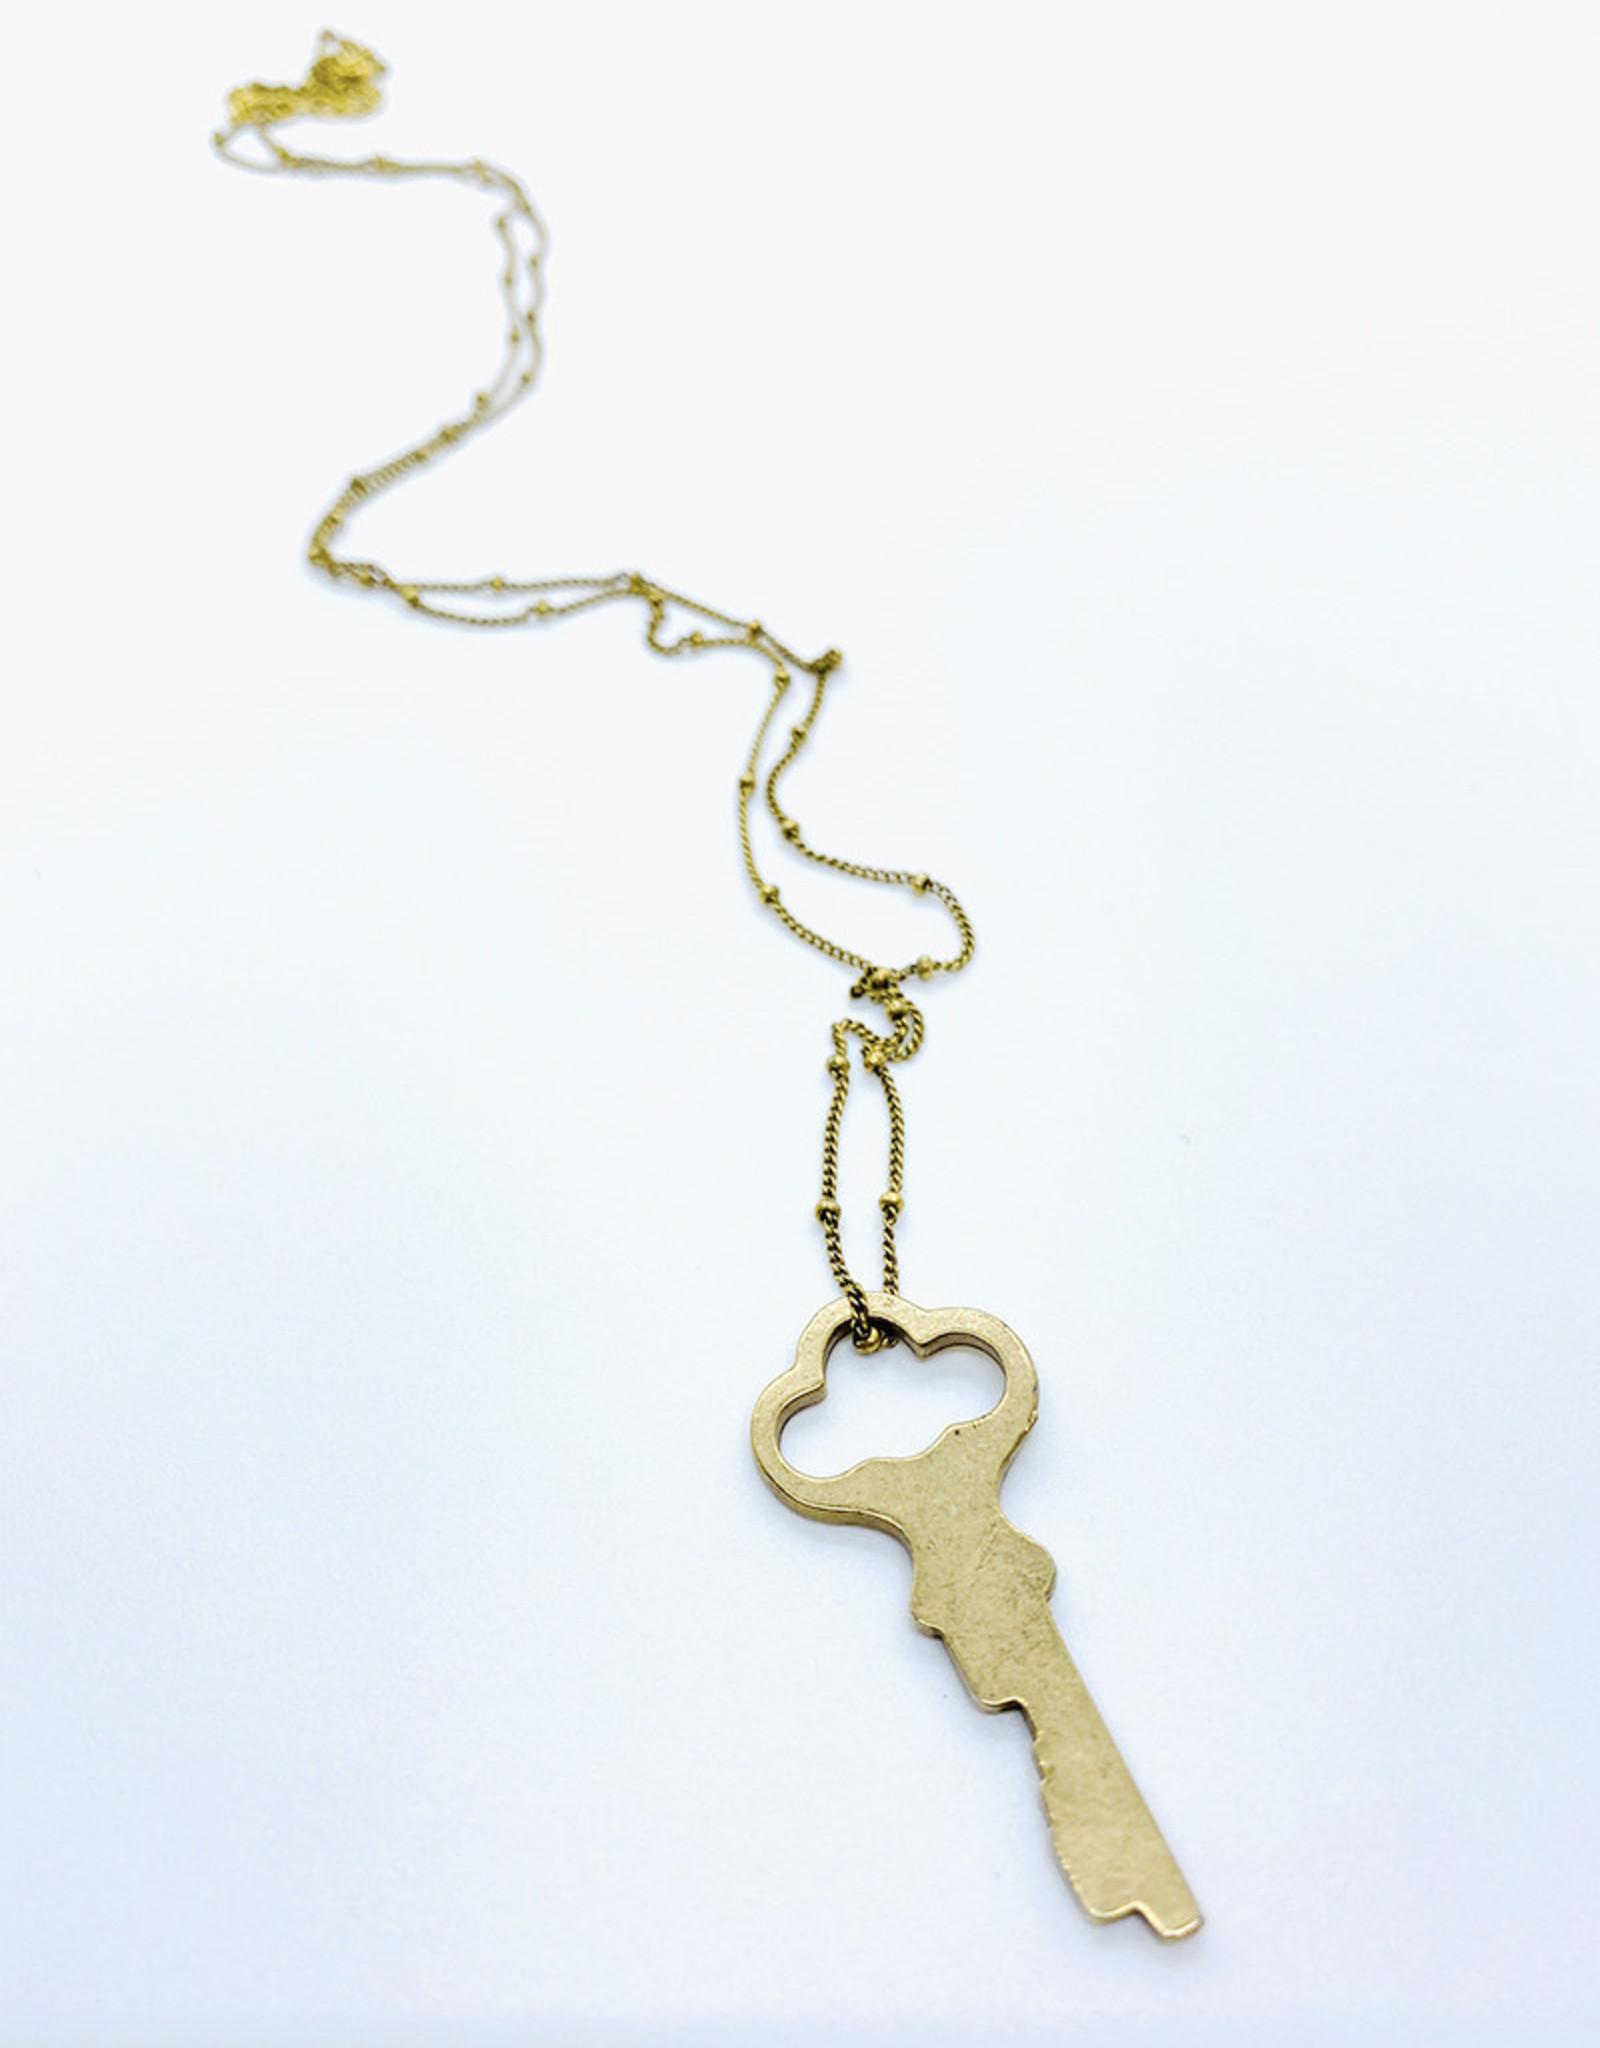 Tilly Doro Key Necklace // Tillydoro